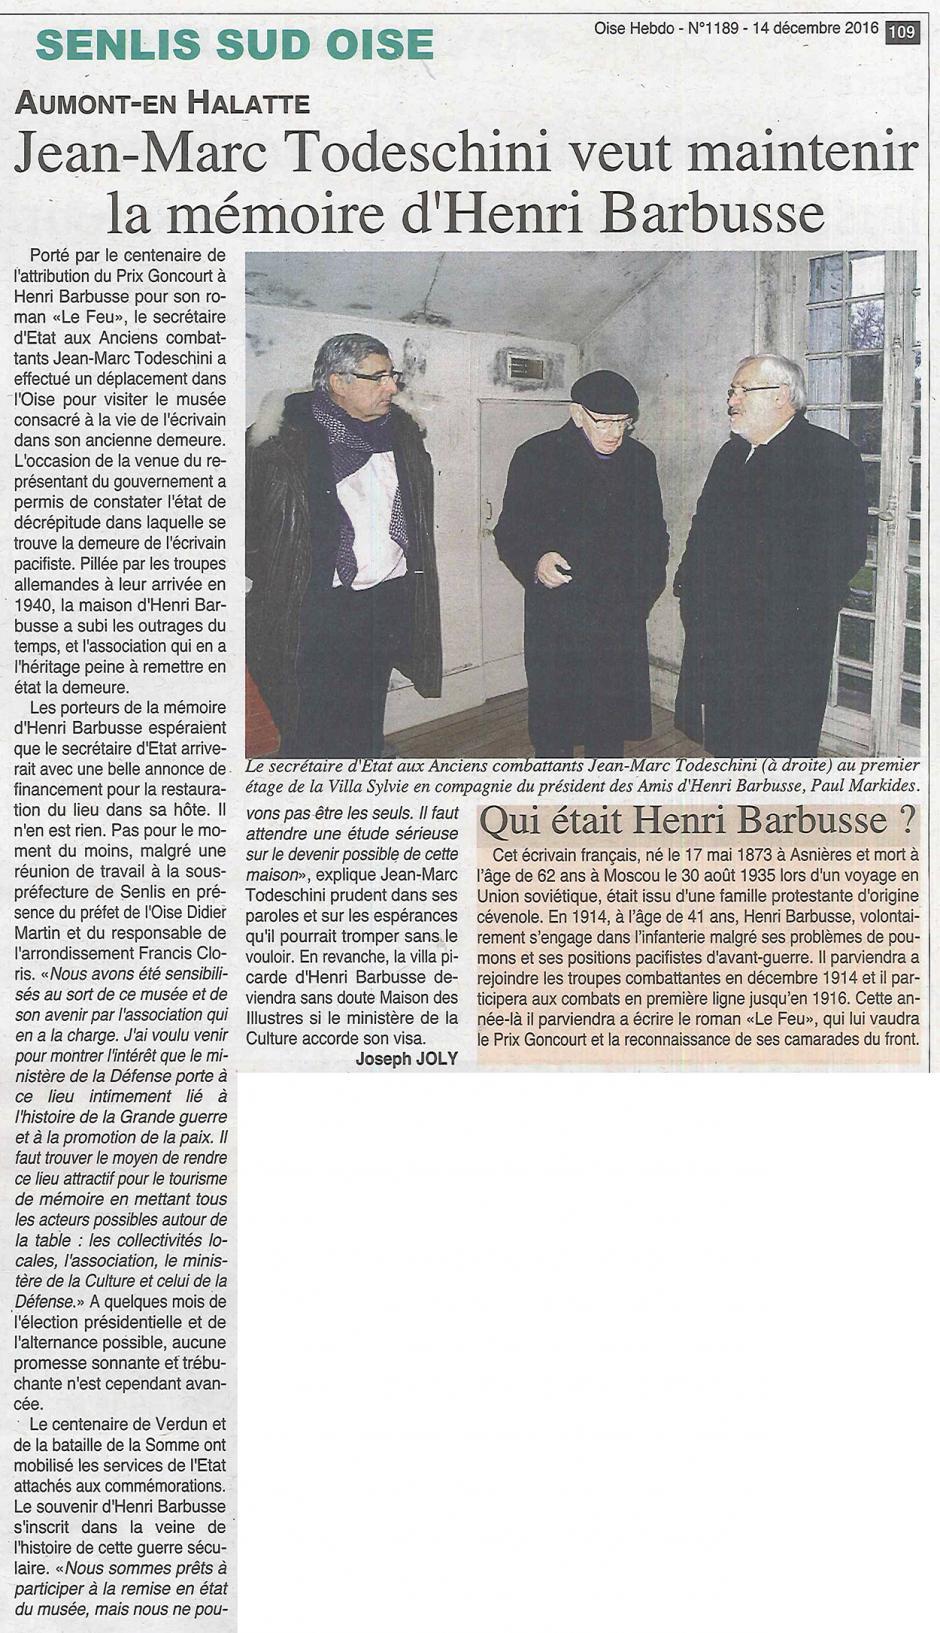 20161214-OH-Aumont-en-Halatte-Todeschini veut maintenir la mémoire d'Henri Barbusse